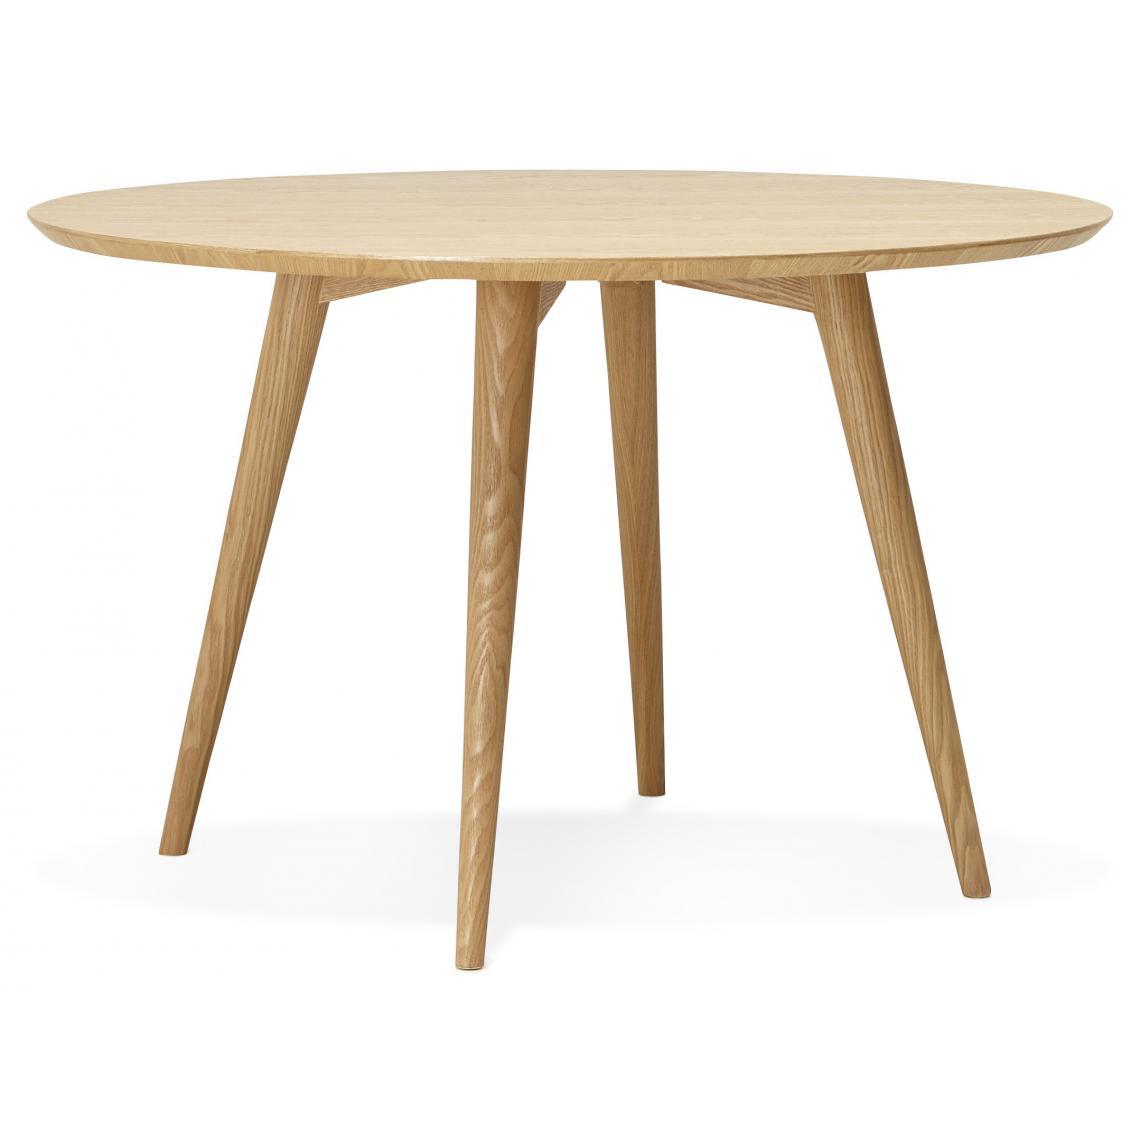 Rehausser Une Table De Salle A Manger table à manger ronde en bois jarri d.120cm plus de détails